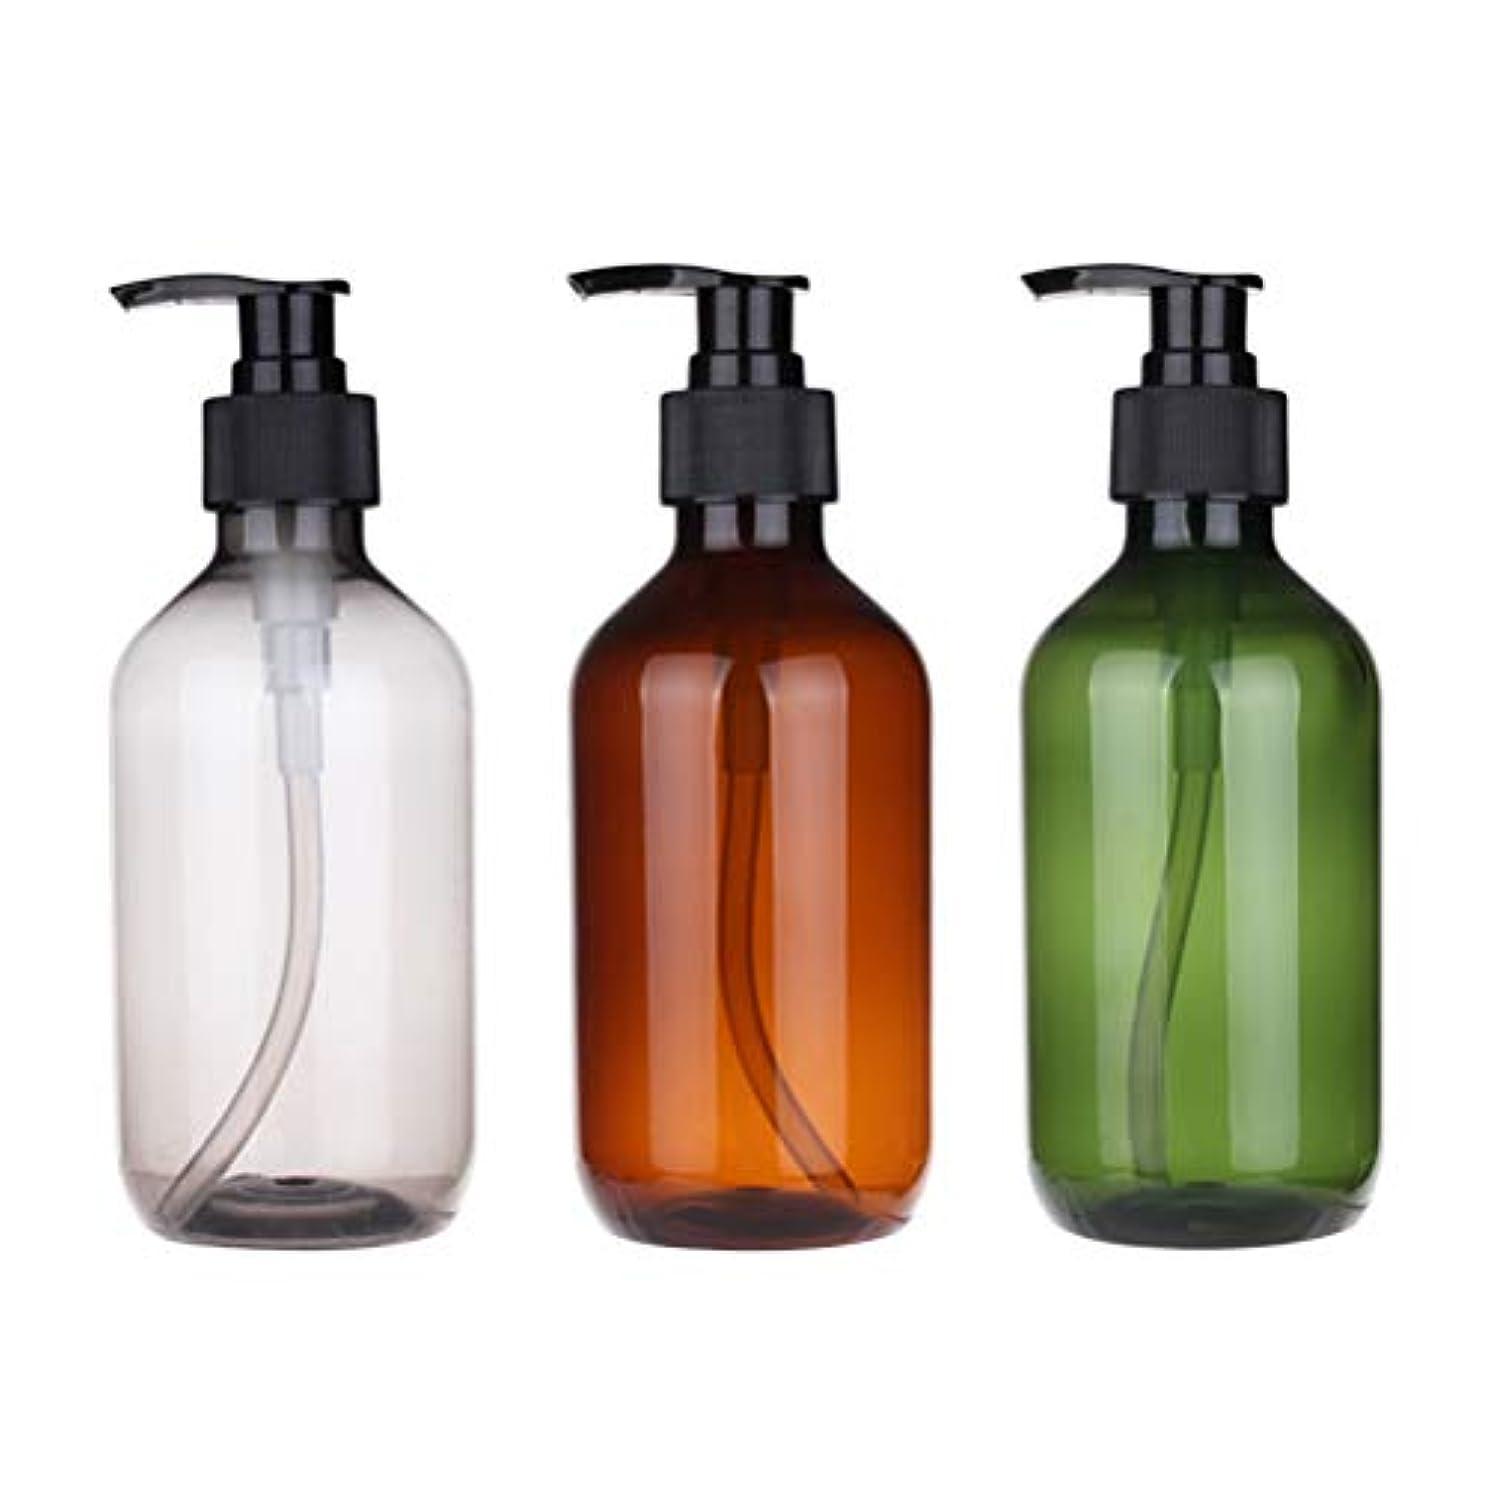 かすれた限界溶けたFrcolor ポンプ瓶 500ml ポンプボトル 遮光瓶 ドロップポンプ 泡立て 詰め替え容器 シャンプーハンドソープ PET製 3本セット(茶色+グリーン+ブラック)